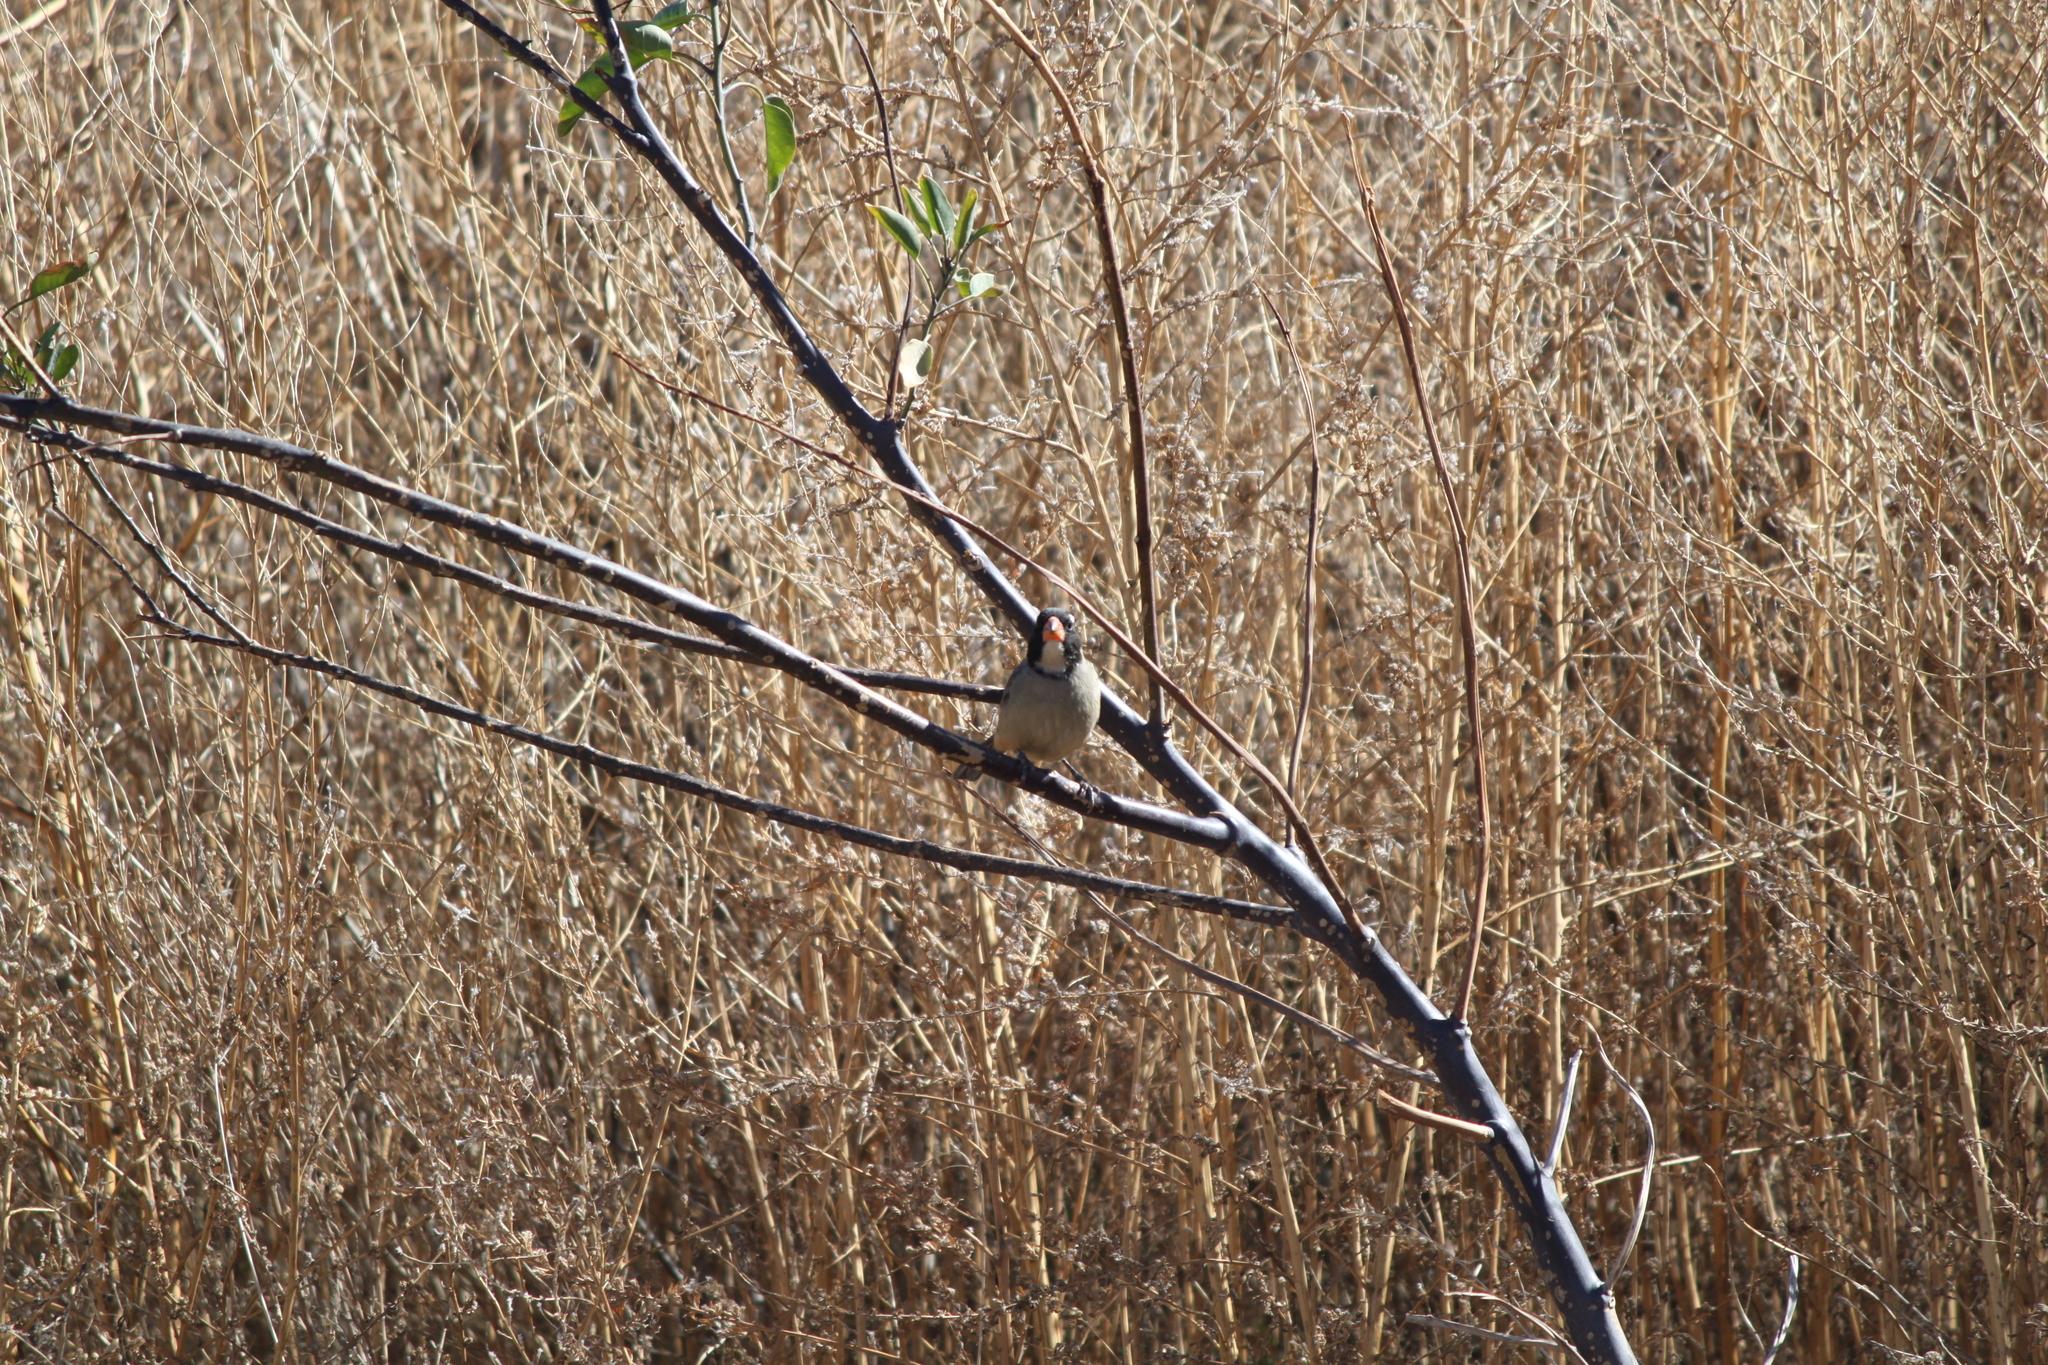 Image of Golden-billed Saltator